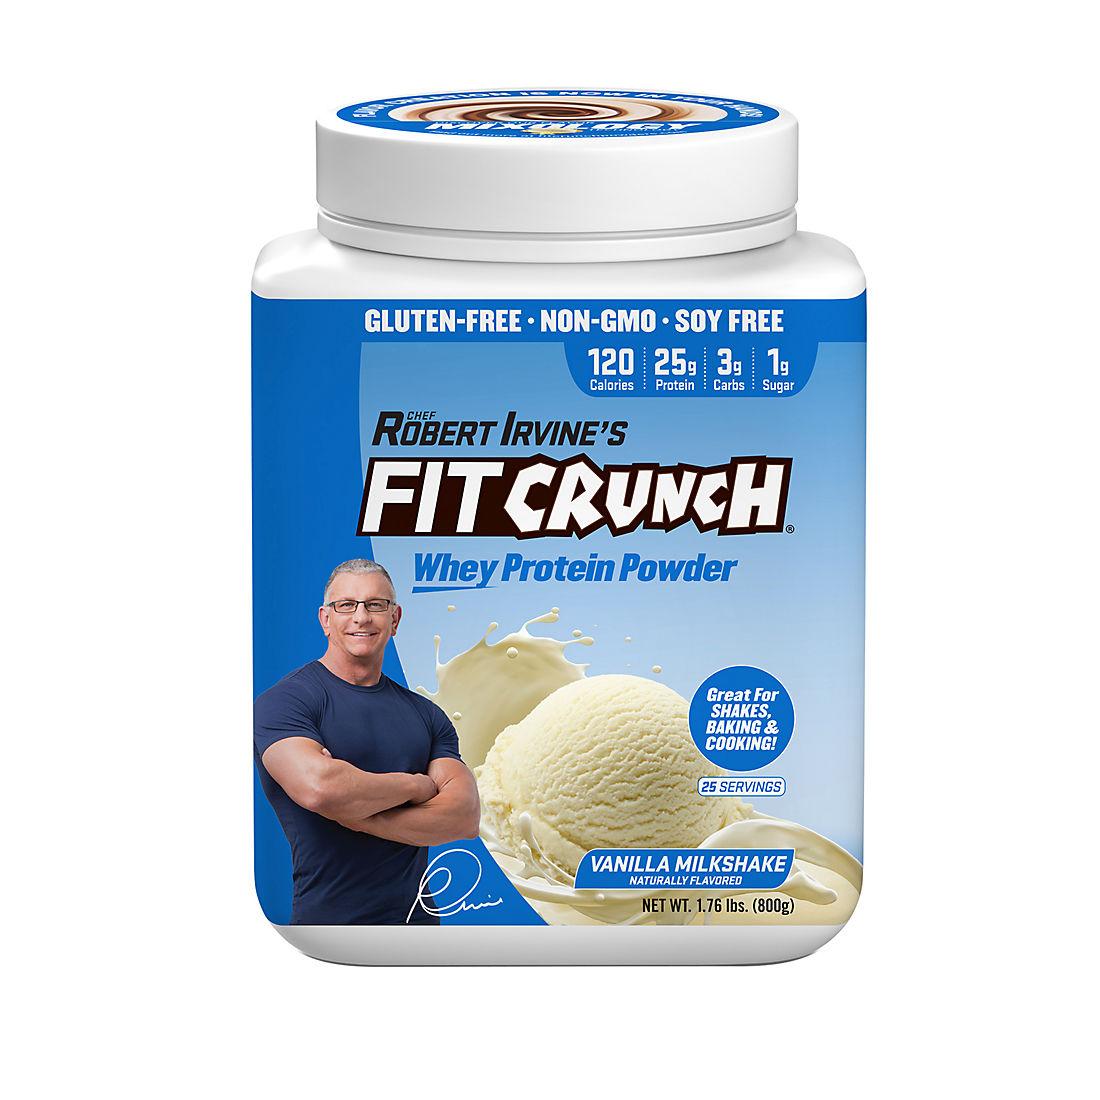 Fit Crunch Vanilla Milkshake Whey Protein Powder, 1 76 lbs